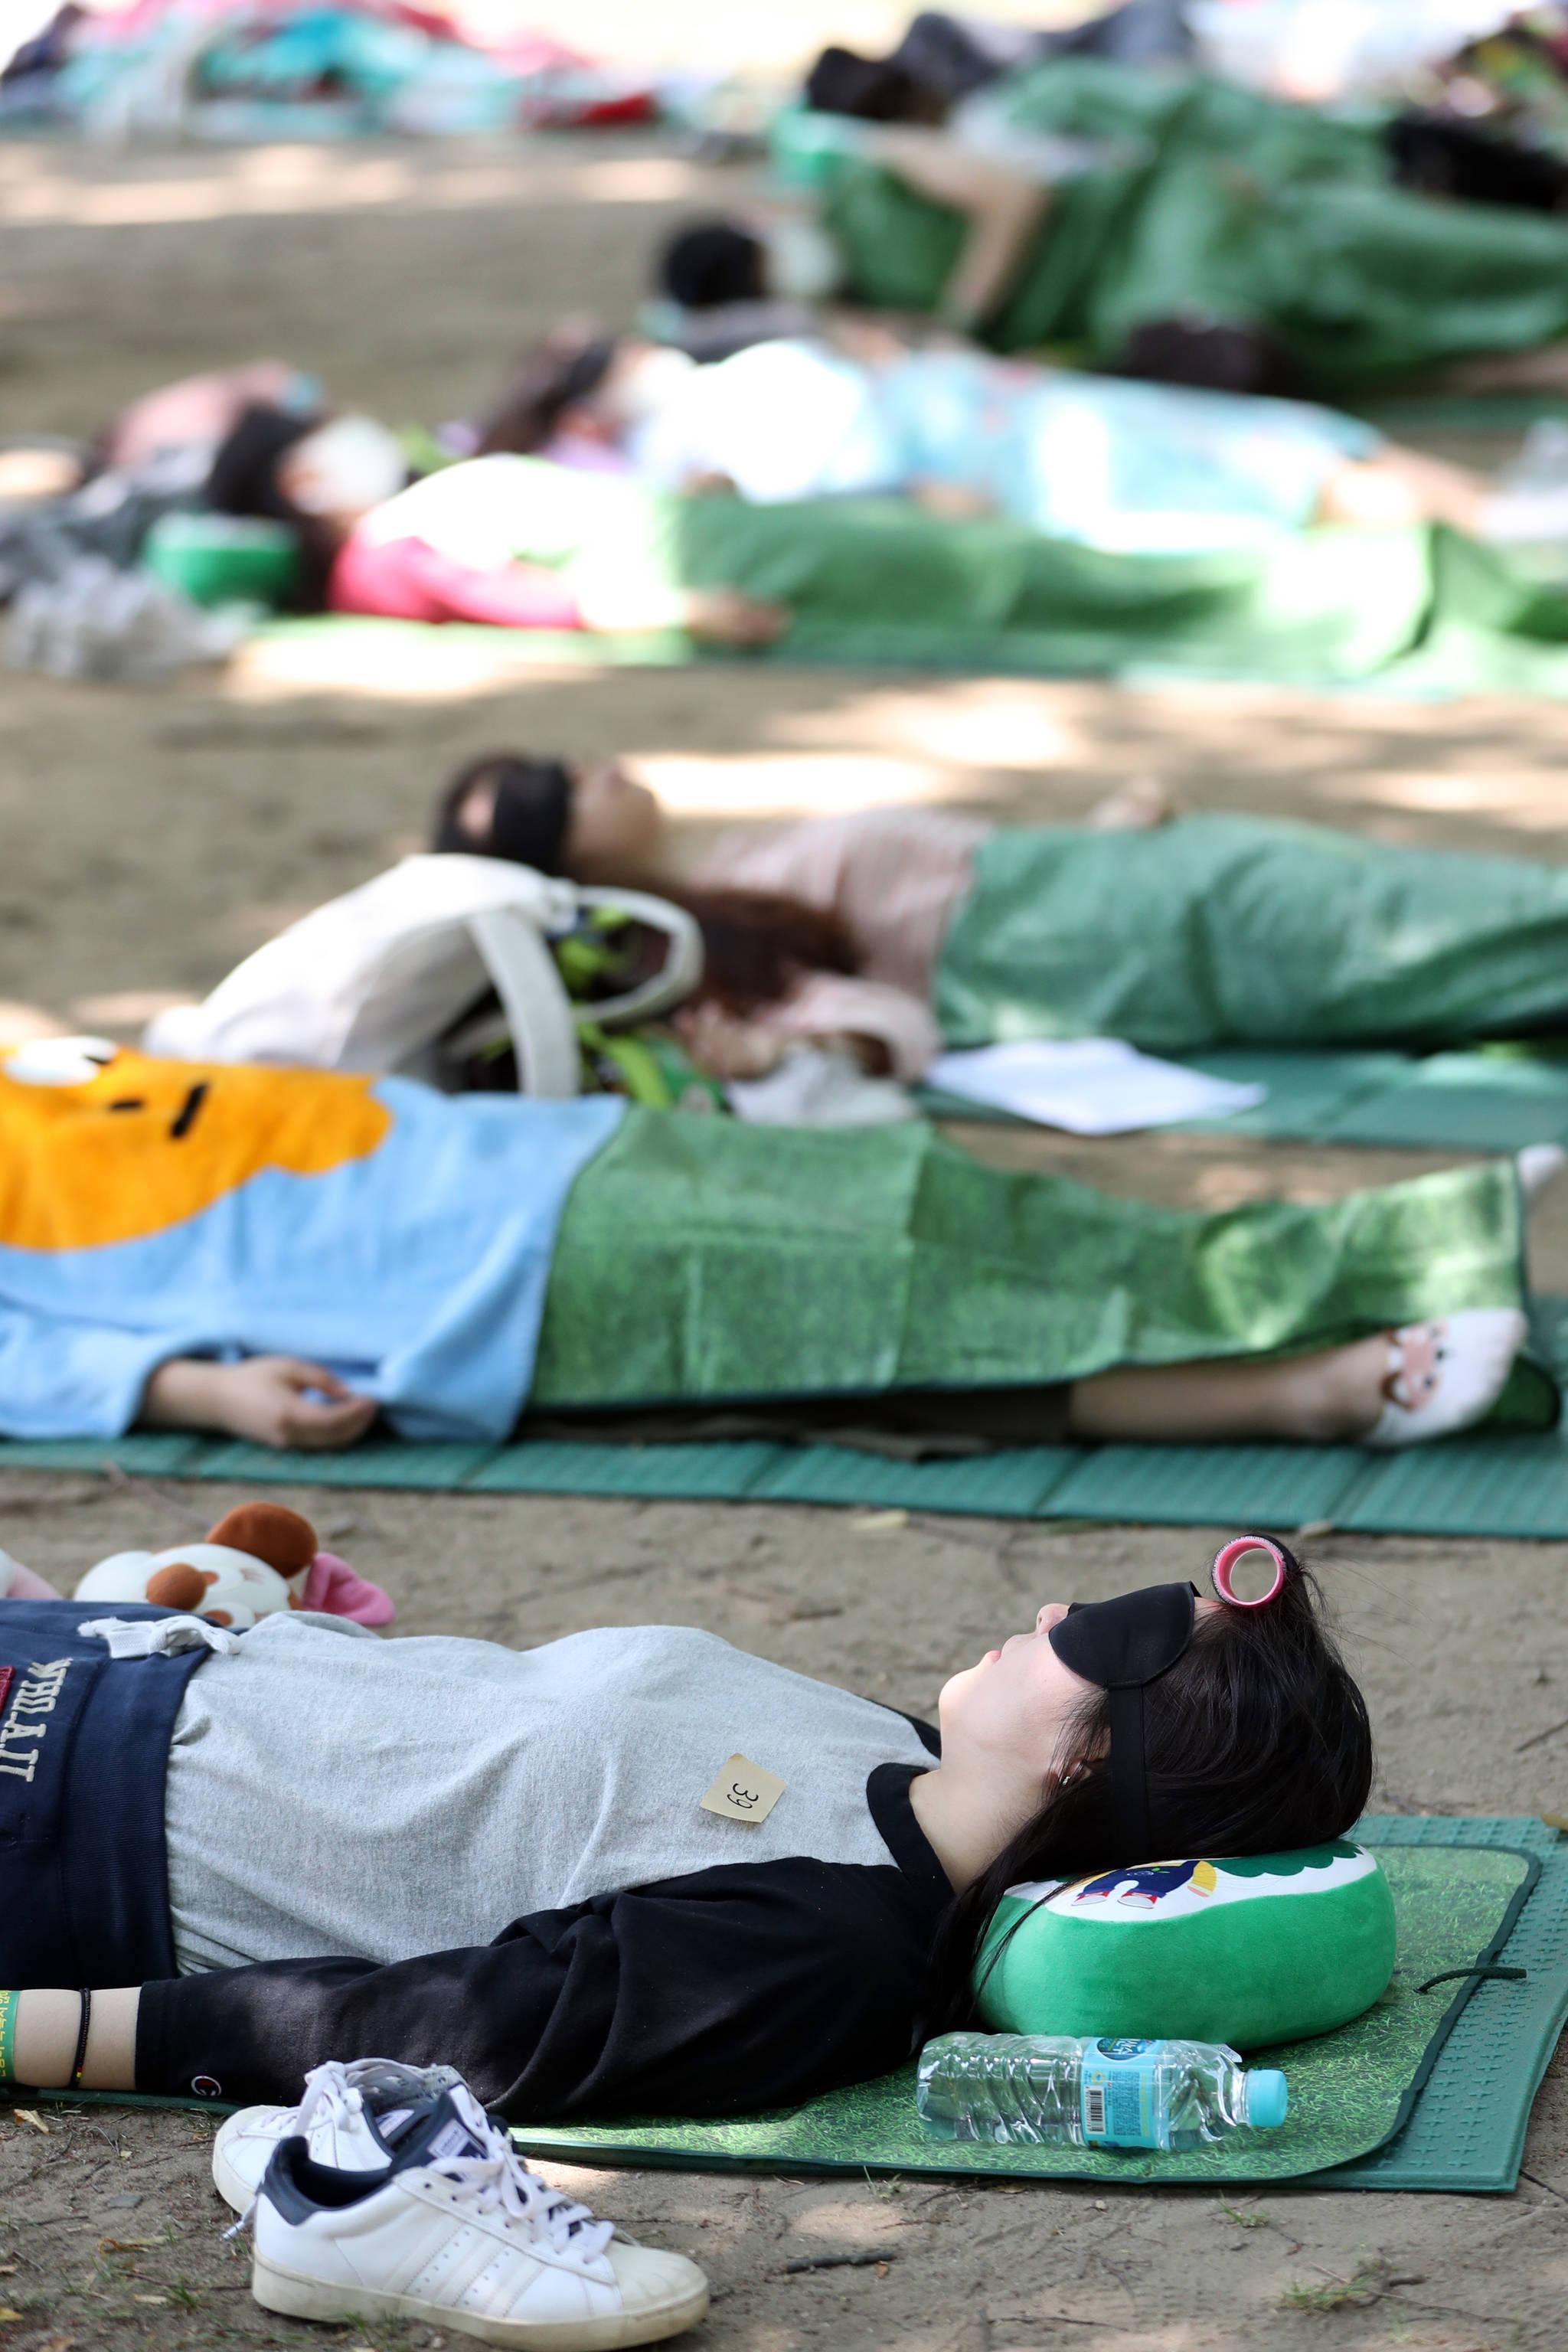 각자 준비해 온 수면용품을 활용해 잠든 참가자들.